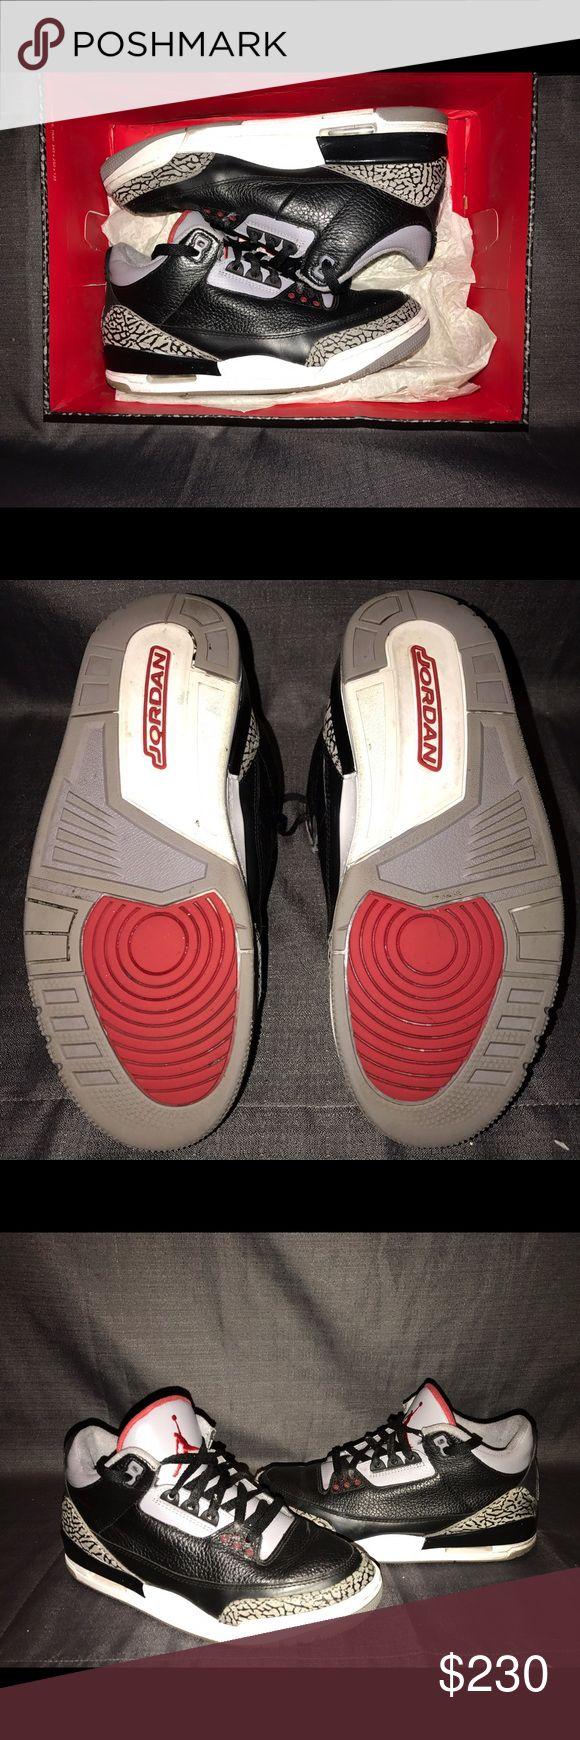 Men's Jordan Cement 3's Men's Jordan Brand Cement 3's. Size 8. 8/10 condition. Authentic! .. Jordan Shoes Sneakers